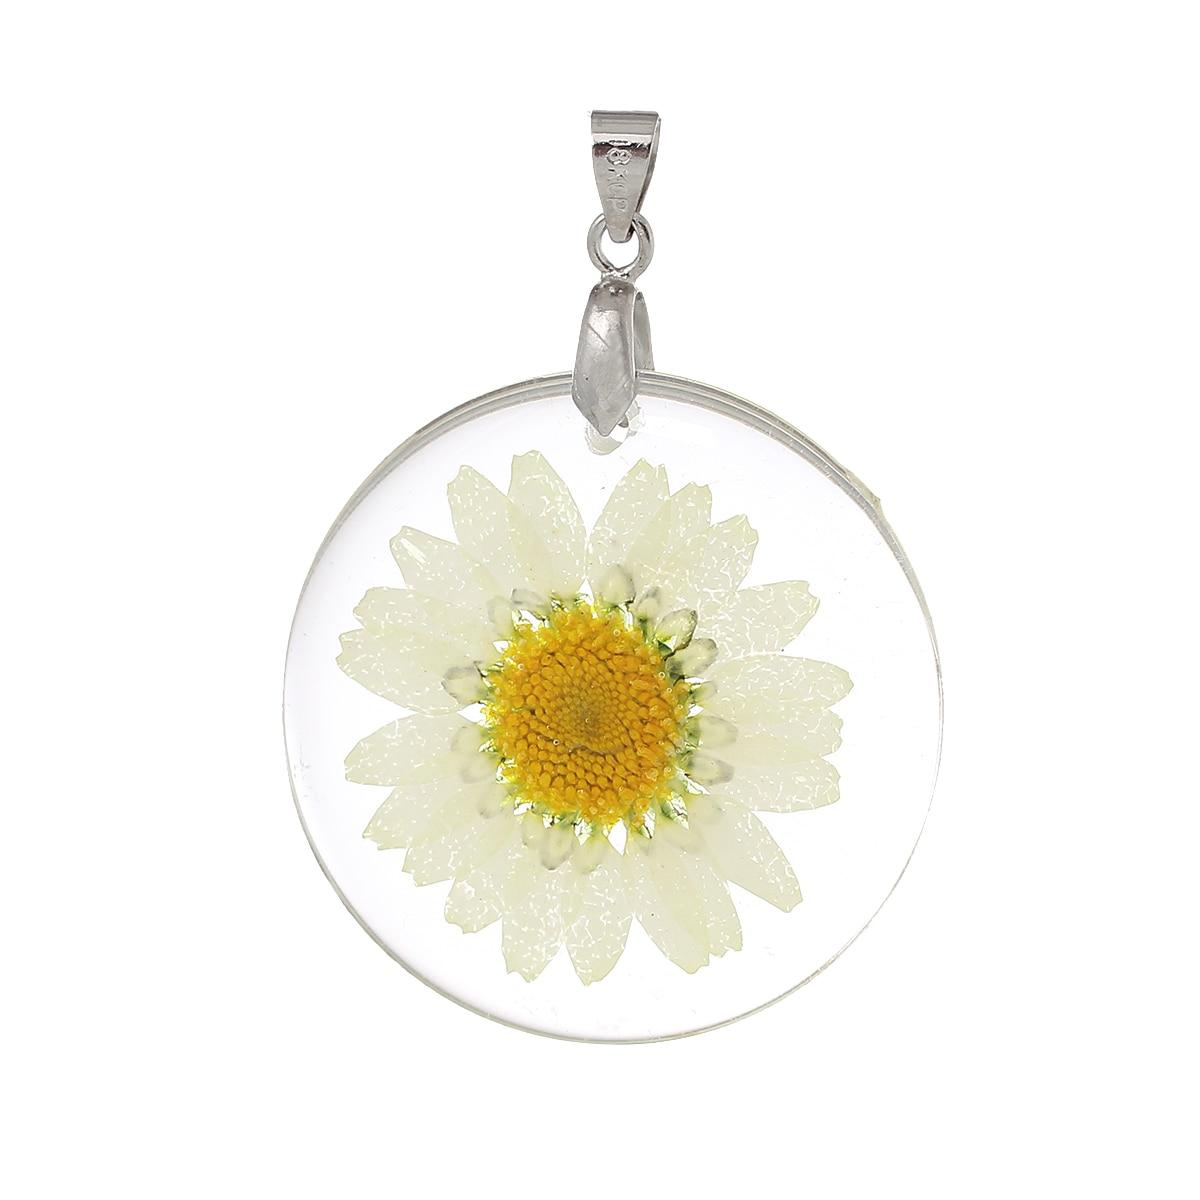 DoreenBeads Resin Charm Pendants Putaran Transparan Kuning Nyata - Perhiasan fashion - Foto 1